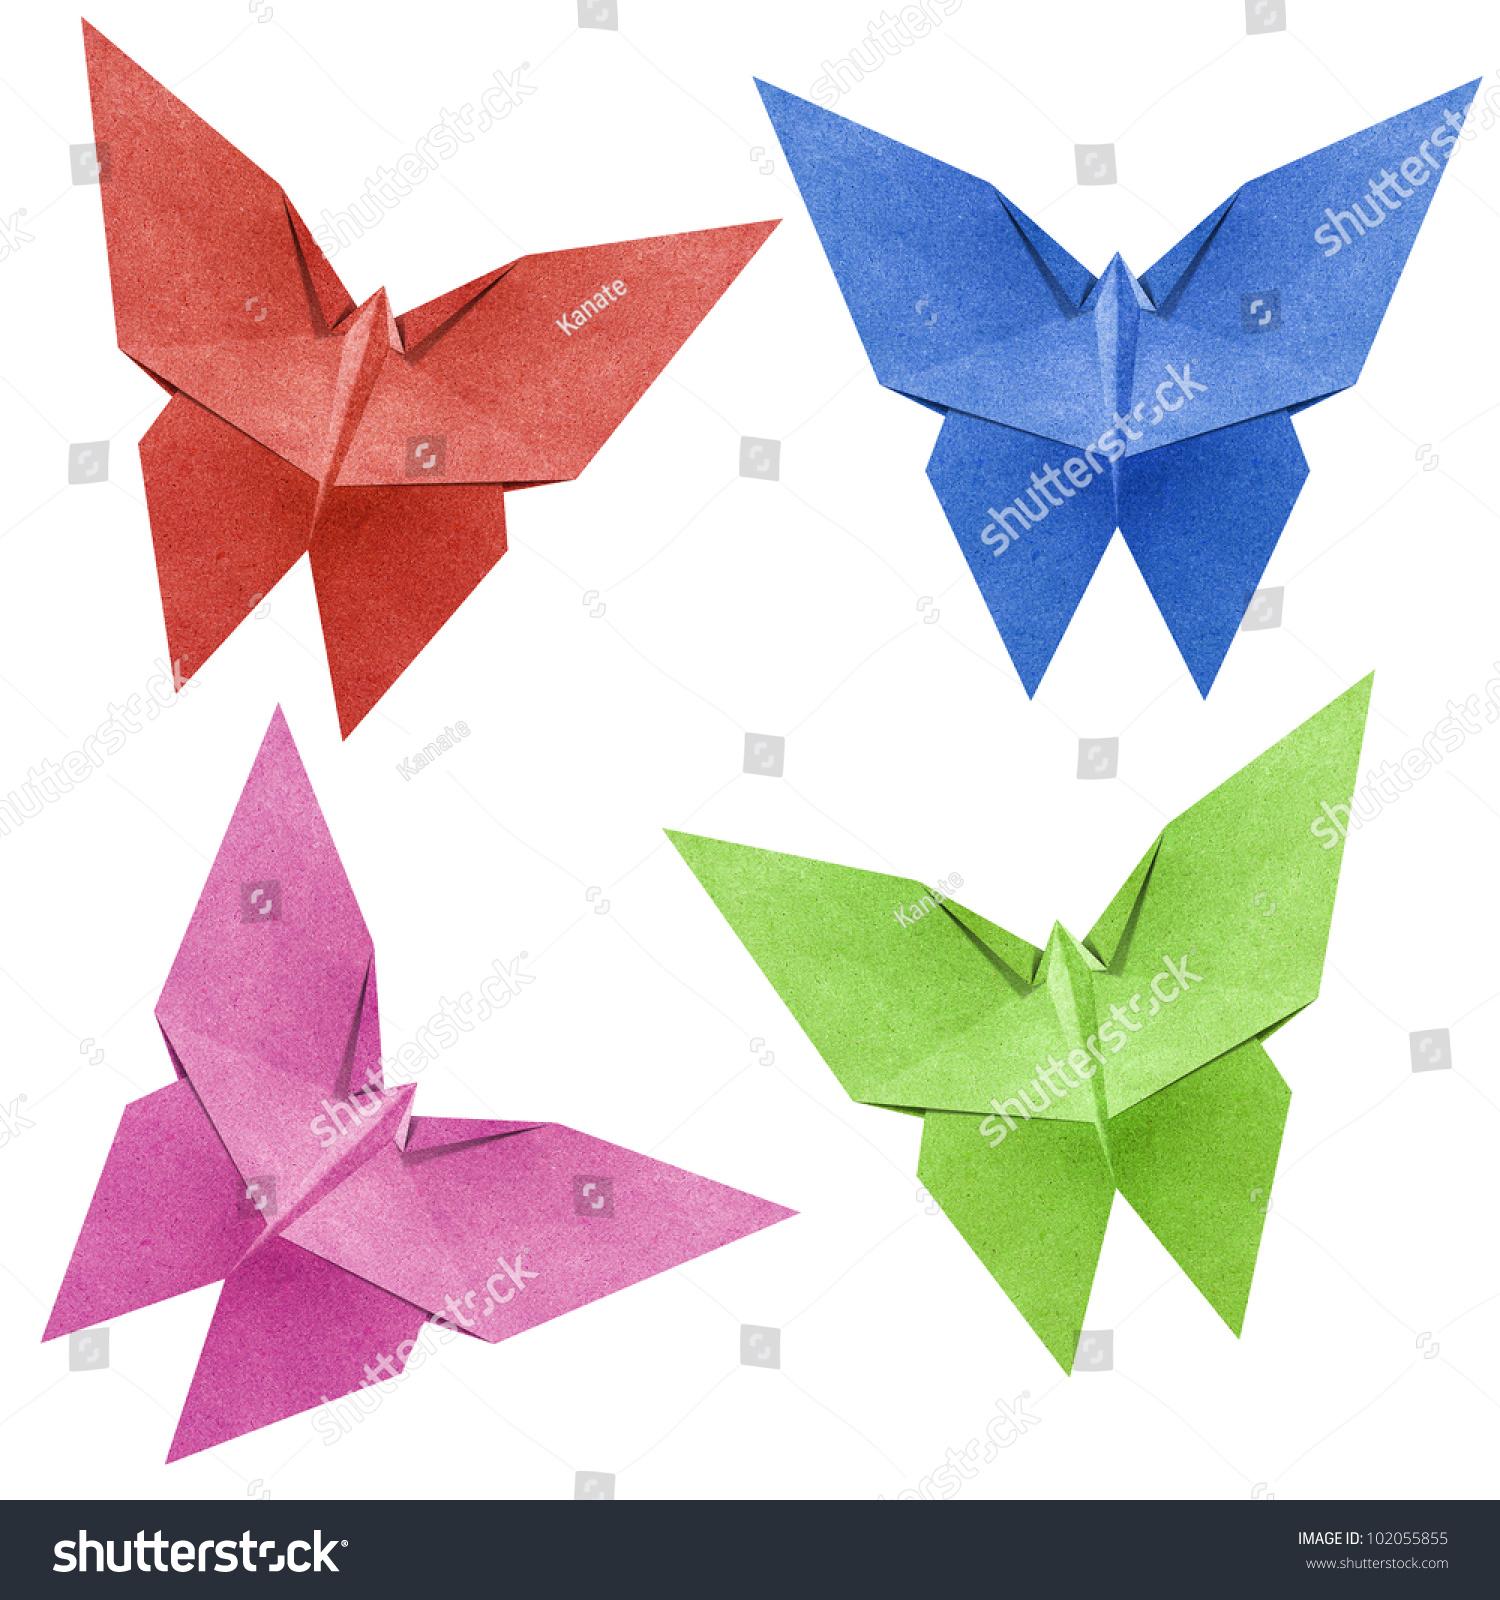 折纸蝴蝶用回收纸做的-动物/野生生物